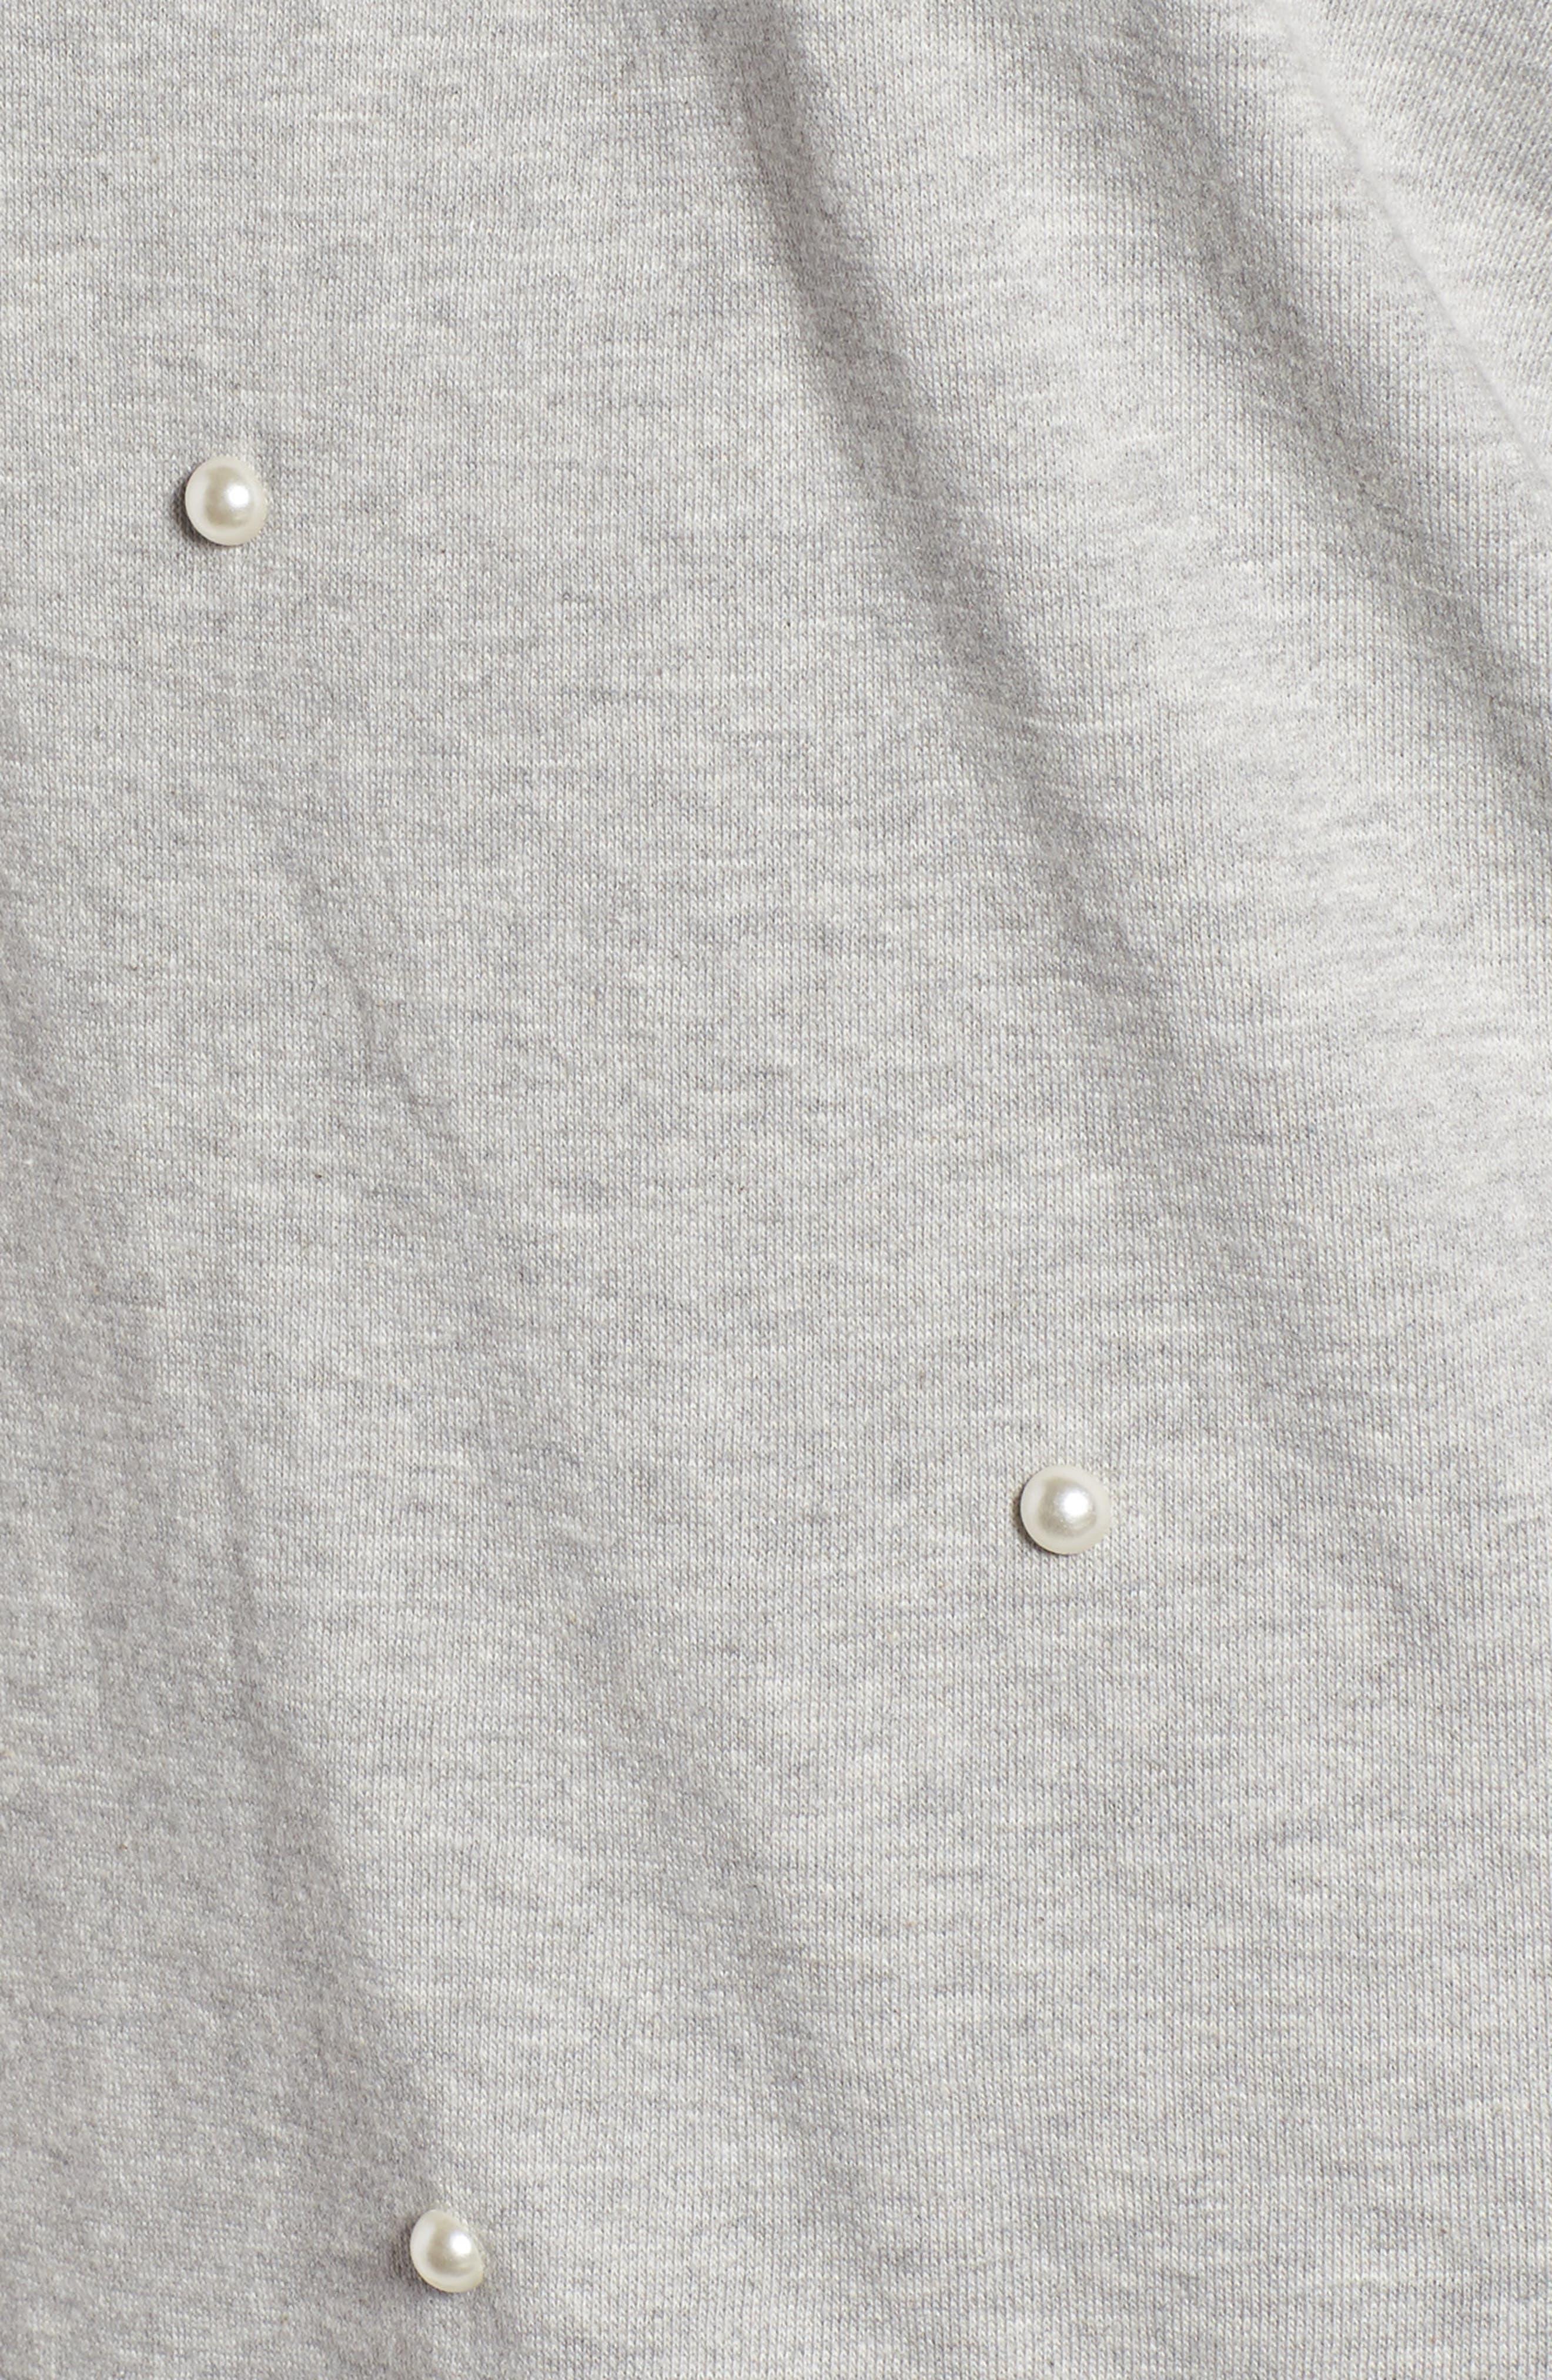 Embellished Off the Shoulder Sweatshirt,                             Alternate thumbnail 5, color,                             020